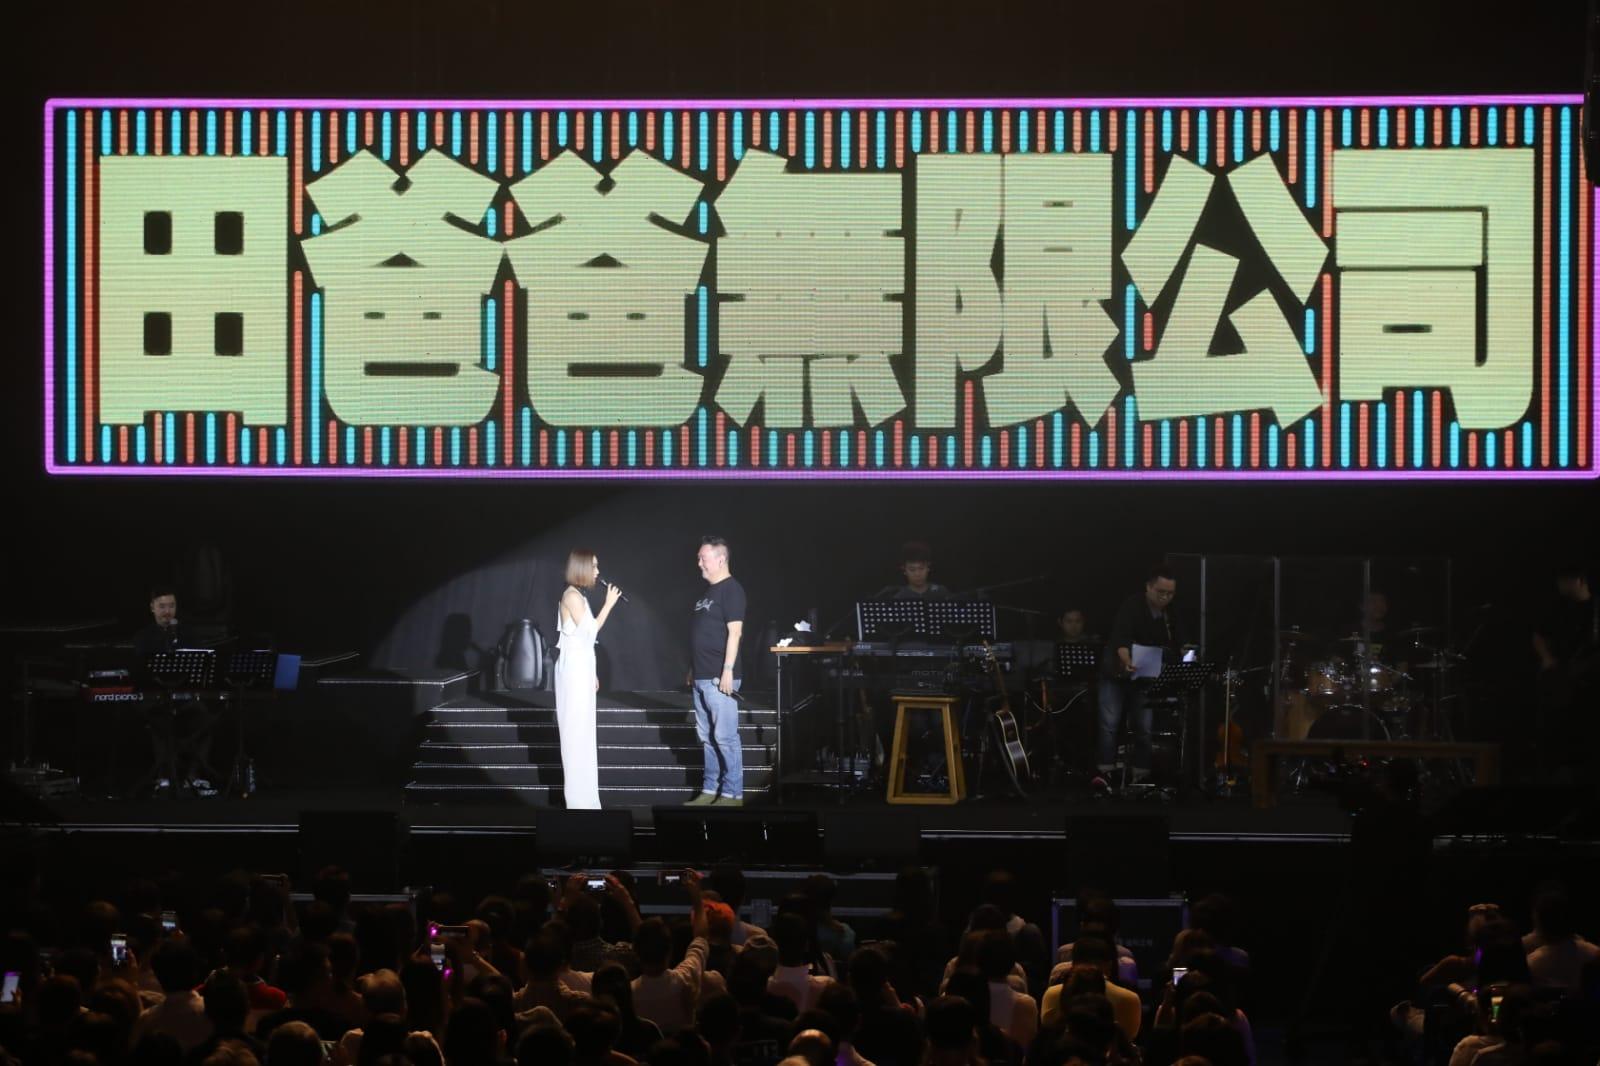 田爸爸一身T恤、牛仔褲戴黑超打頭陣獻唱,保養得非常好。